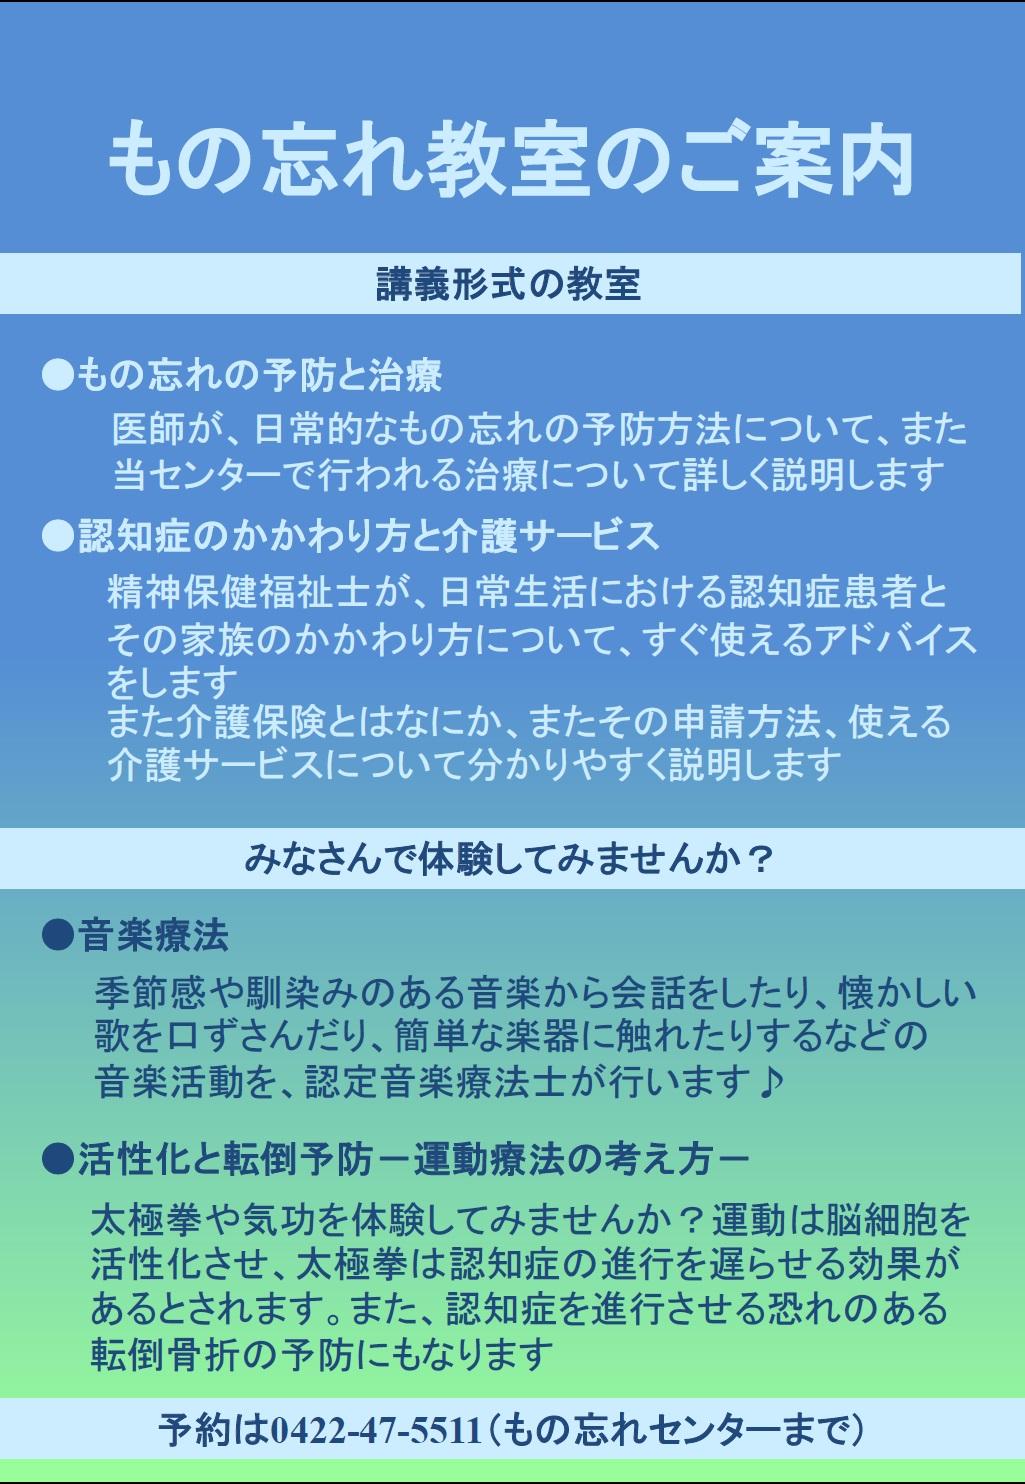 monowasure201604-2